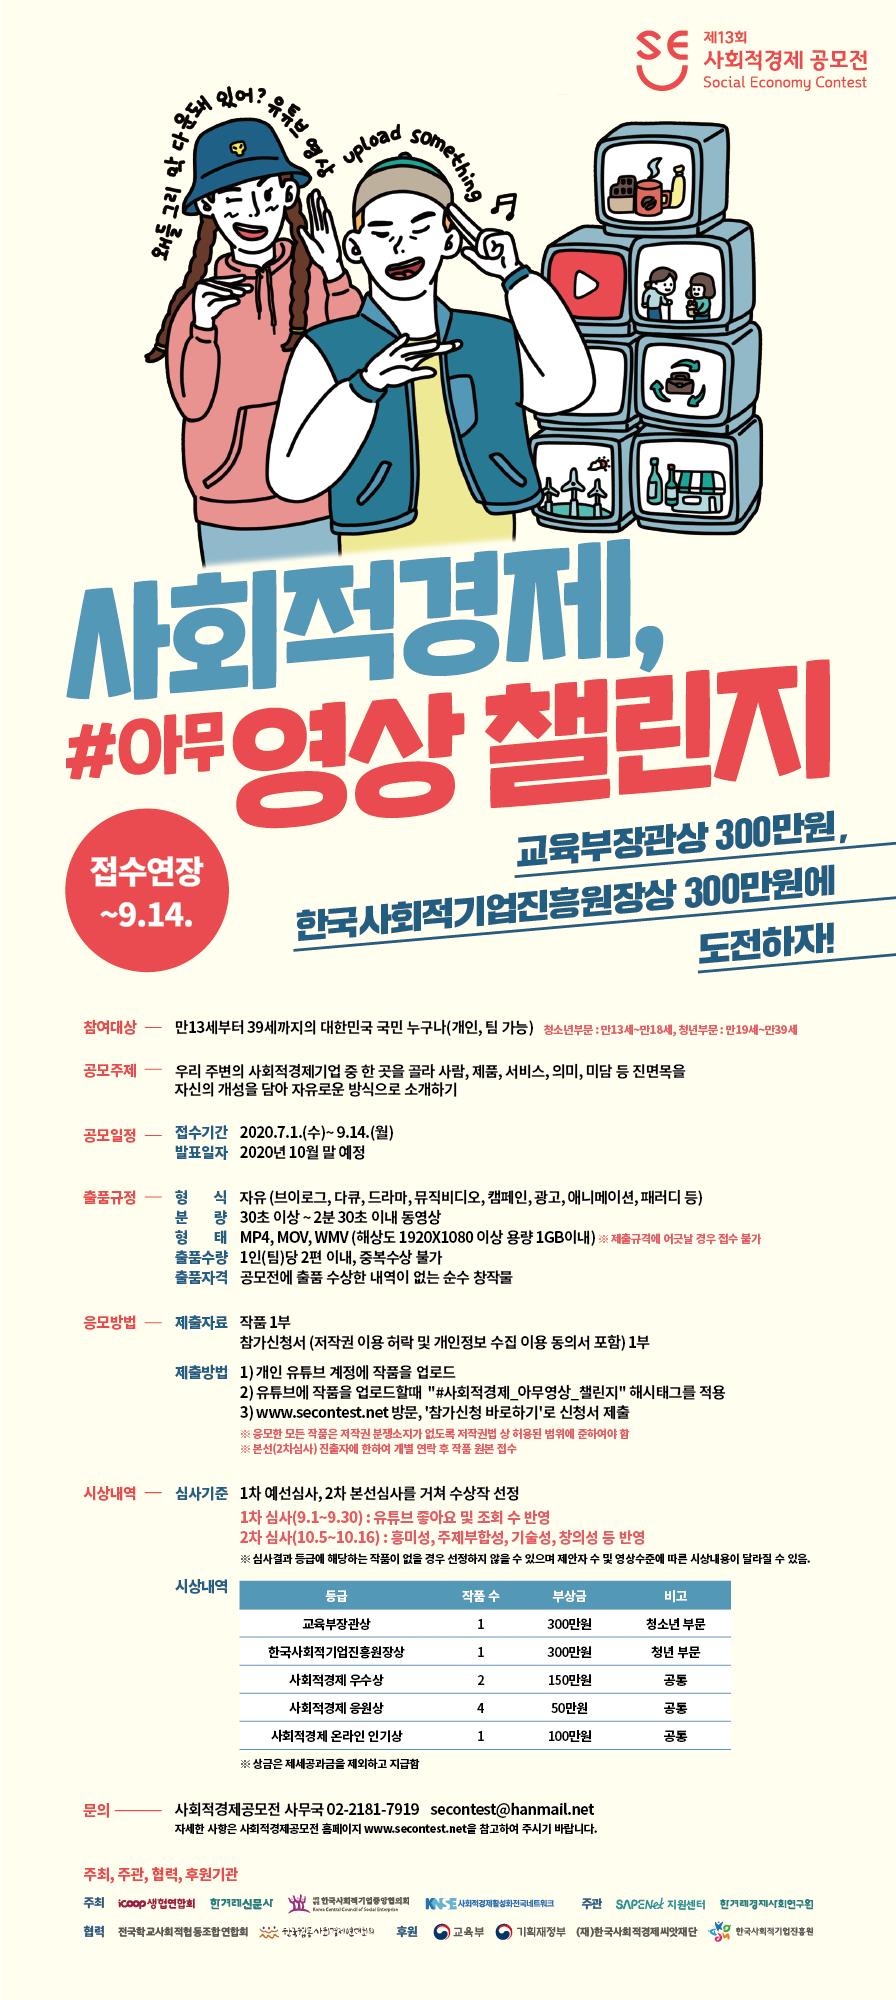 사회적경제 공모전 수정 포스터.png